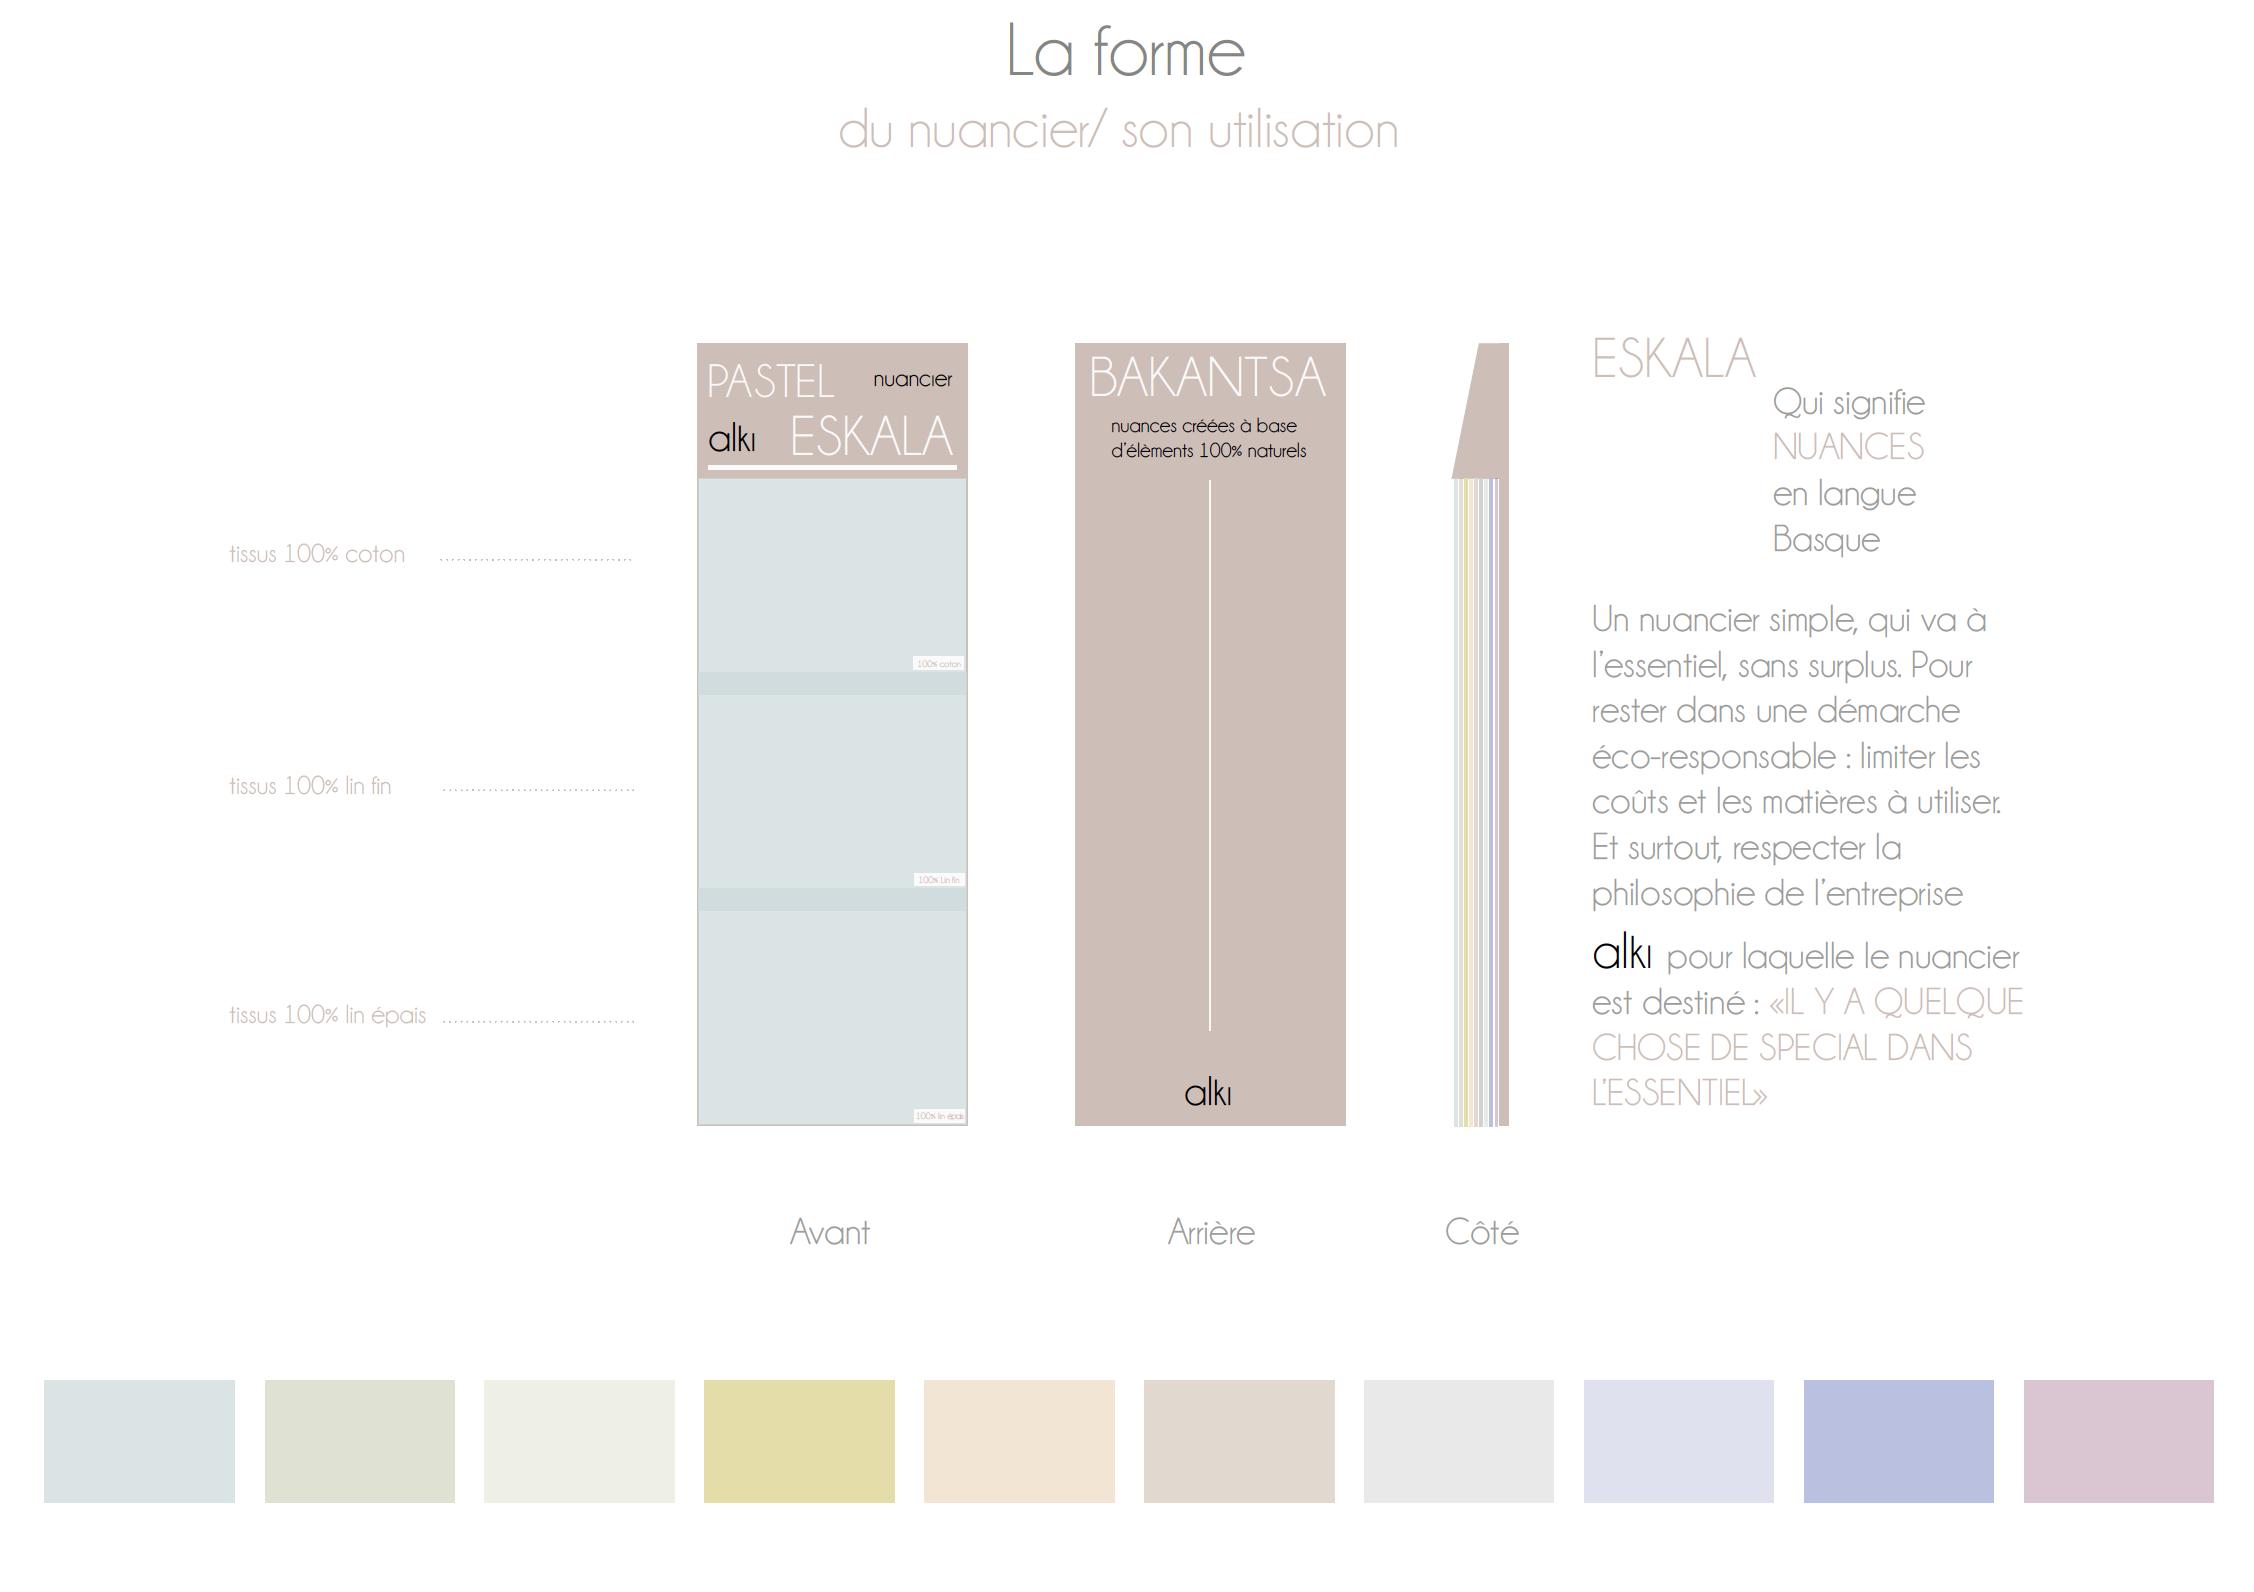 Design objet chaise bakantsa nuancier l'Atelier d'Elisa